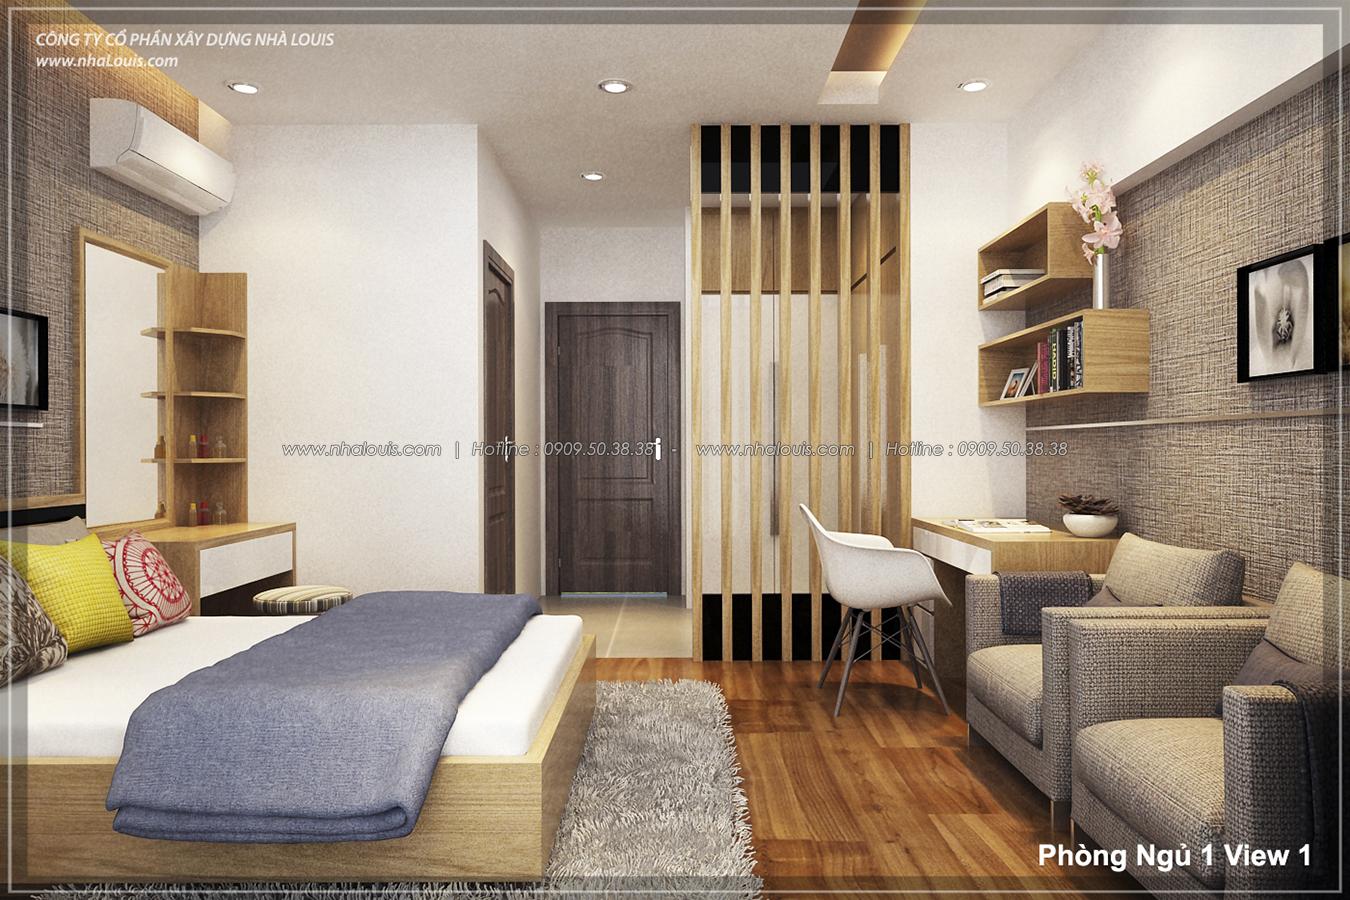 Thiết kế nhà lệch tầng hiện đại mặt tiền 4.5m x 14.5m tại quận Tân Bình - 12